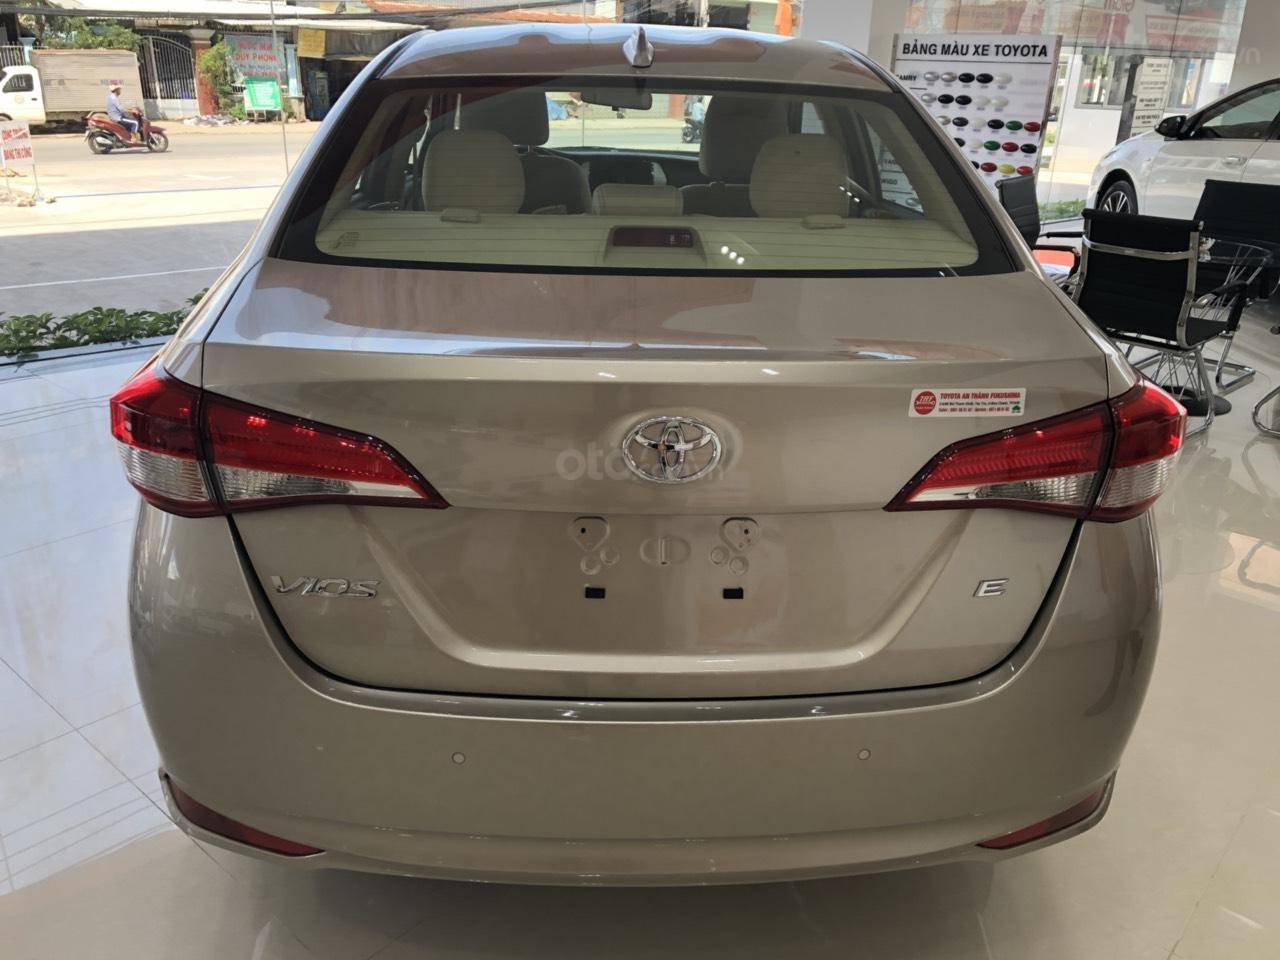 Bán ô tô Toyota Vios1.5E CVT sản xuất 2020 - tặng BHVC thân xe (2)